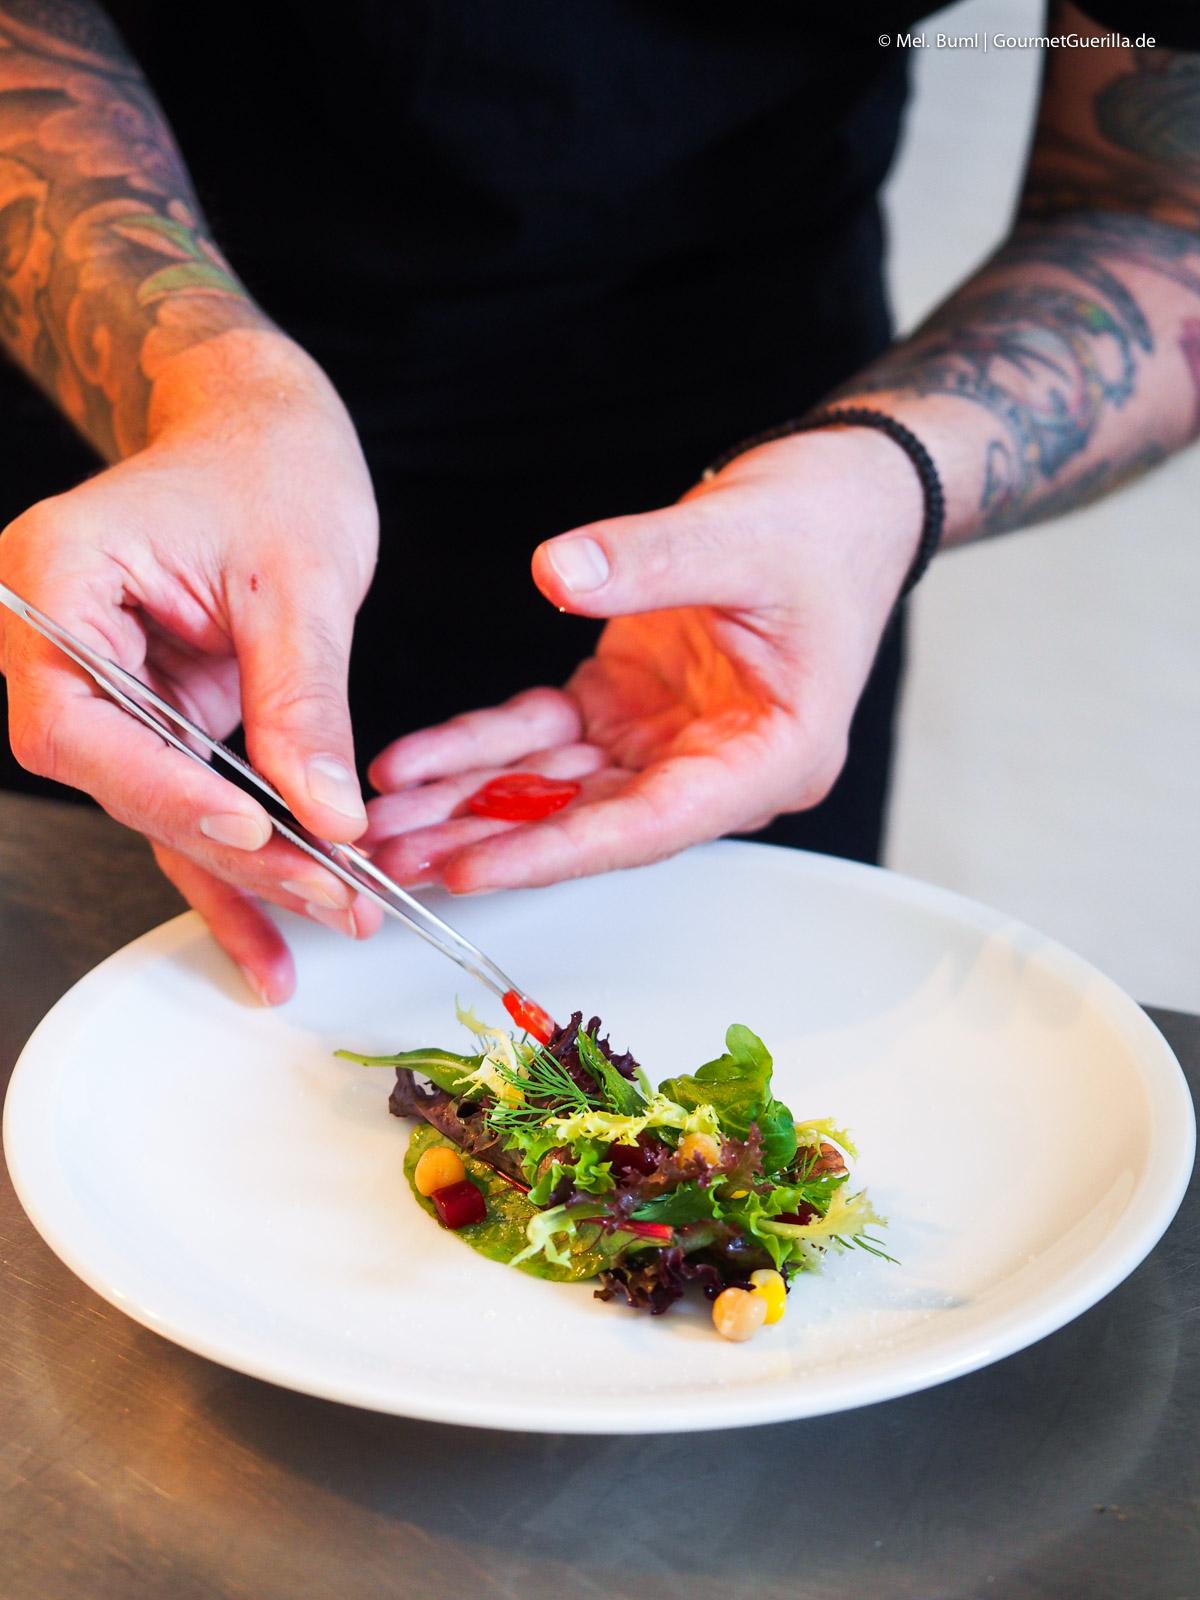 Sebastian Franke Bonduelle Academy Salat Anbau und Verarbeitung |GourmetGuerilla.de